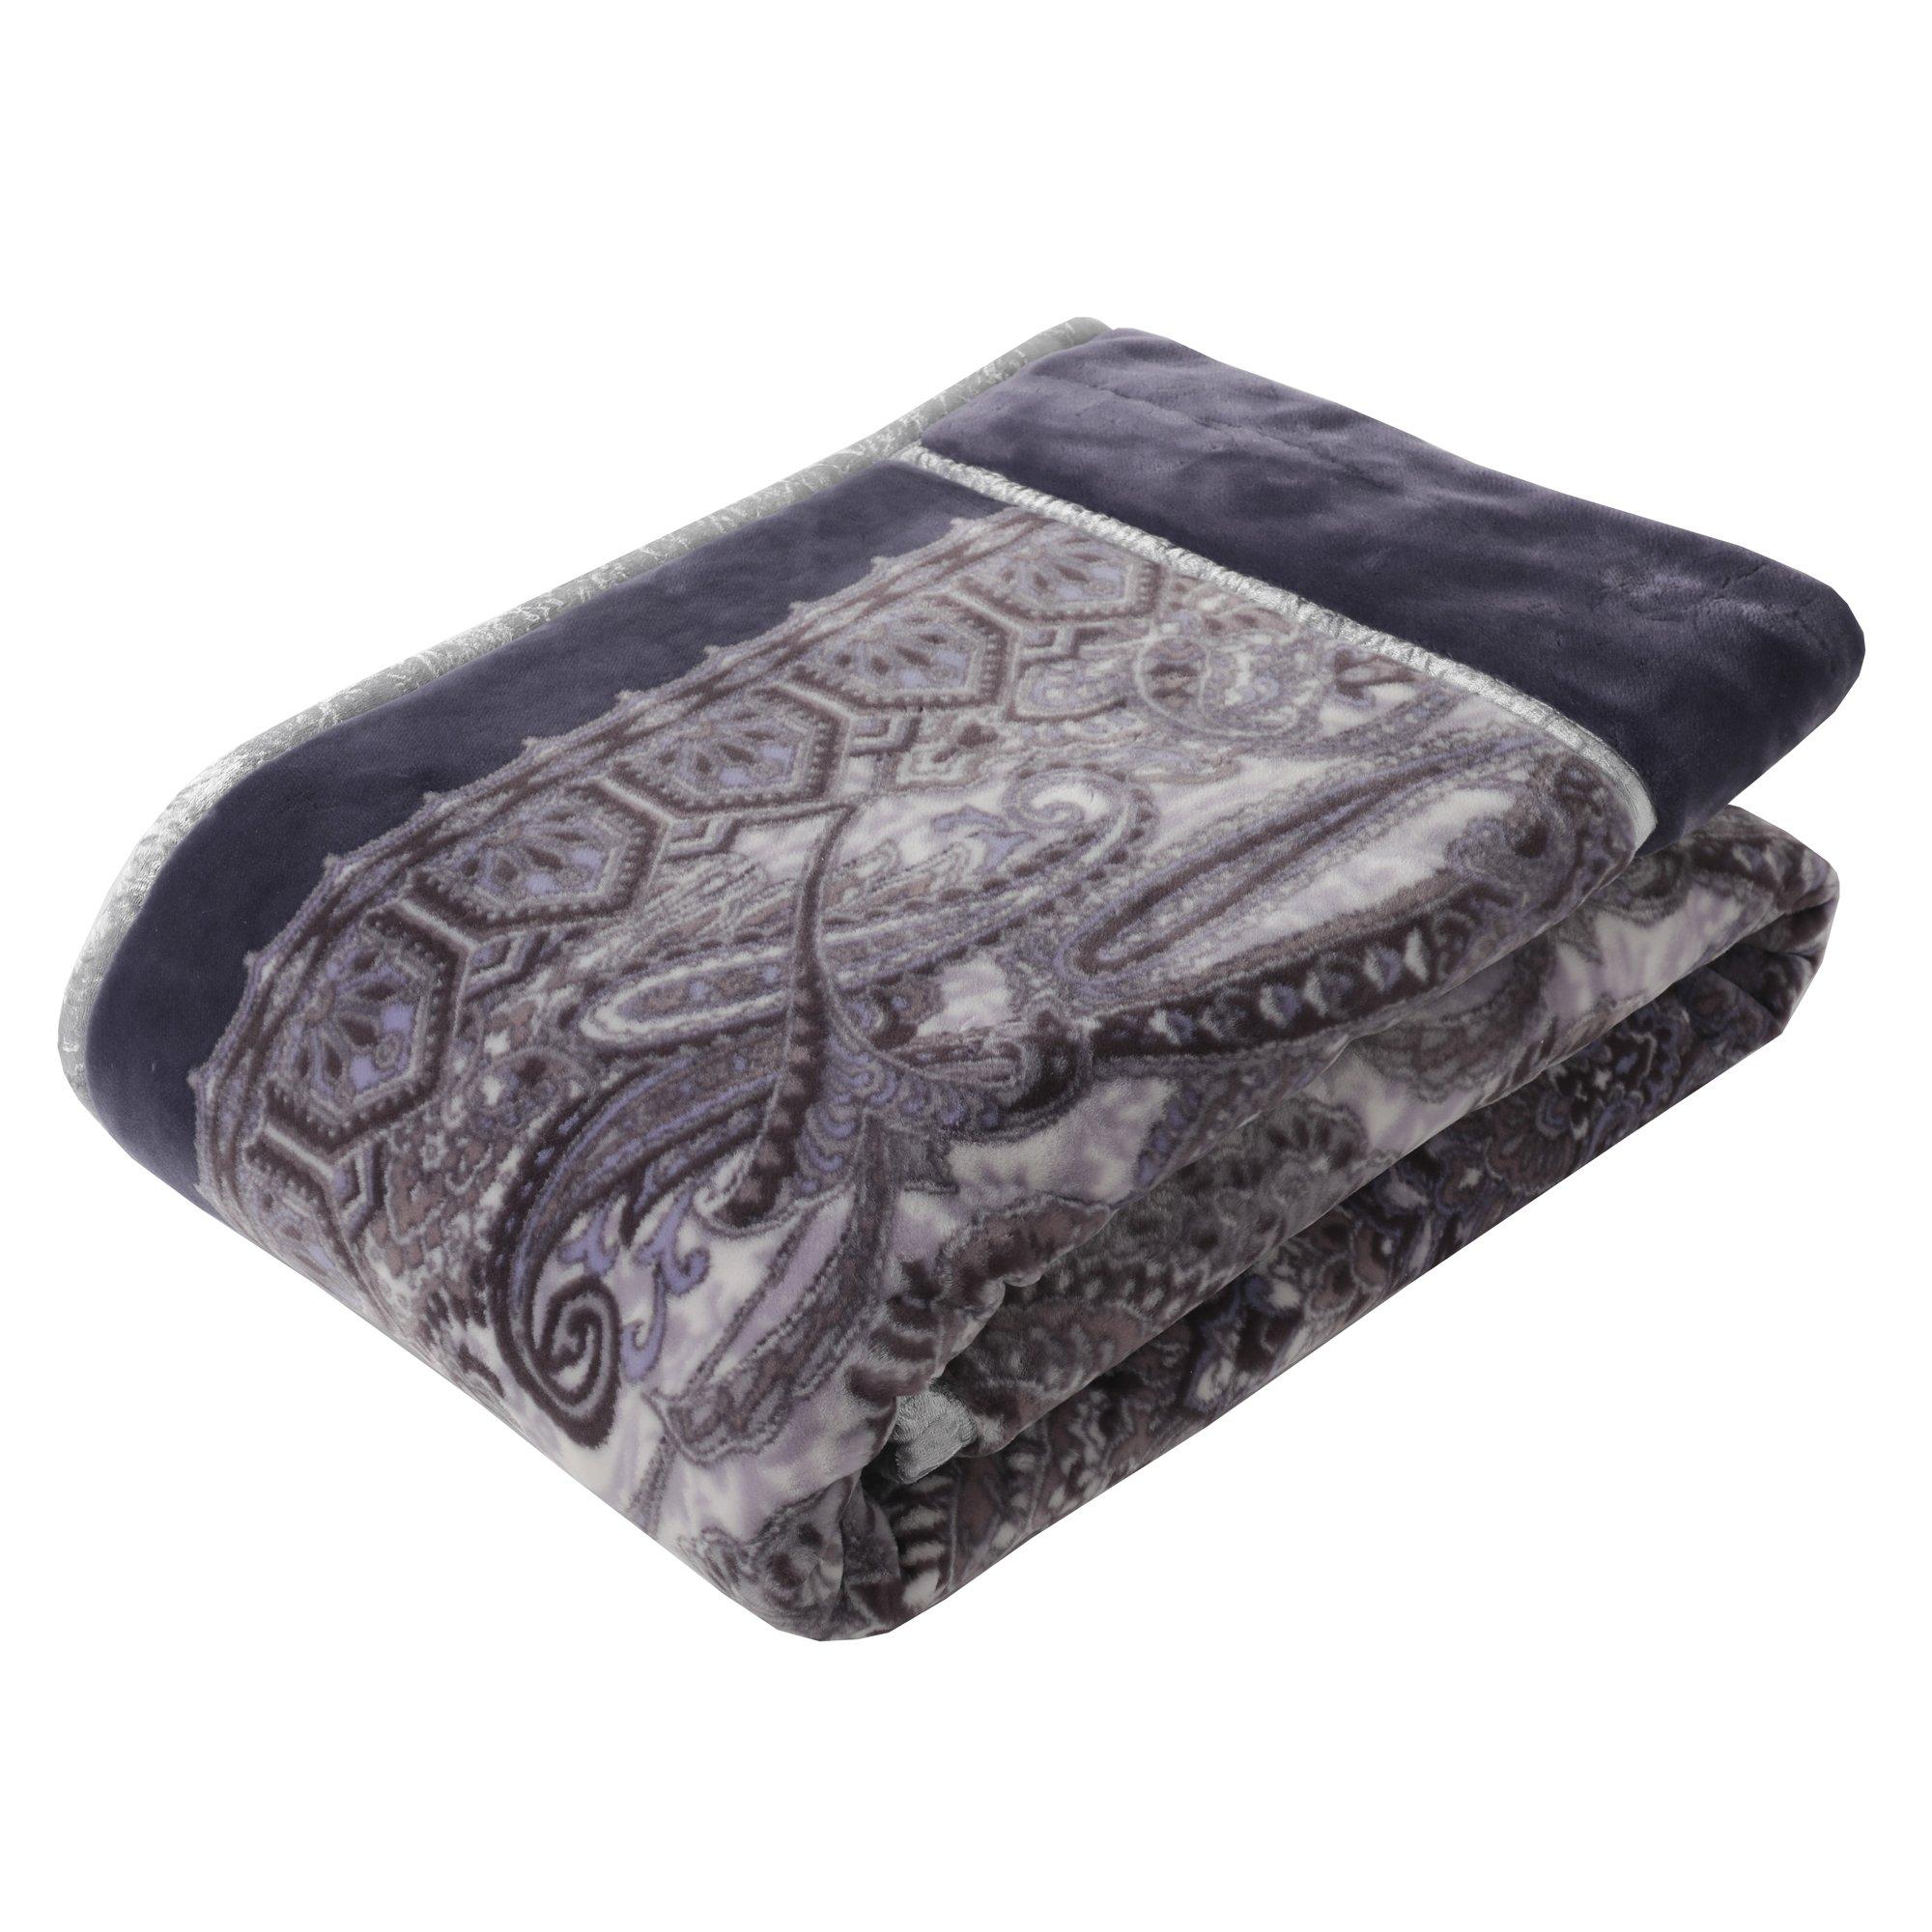 東京西川 毛布 シングル ふっくら なめらかローズオイル加工 マイモデル ロイヤルペイズリー柄 日本製 グレー FQ07010007GR